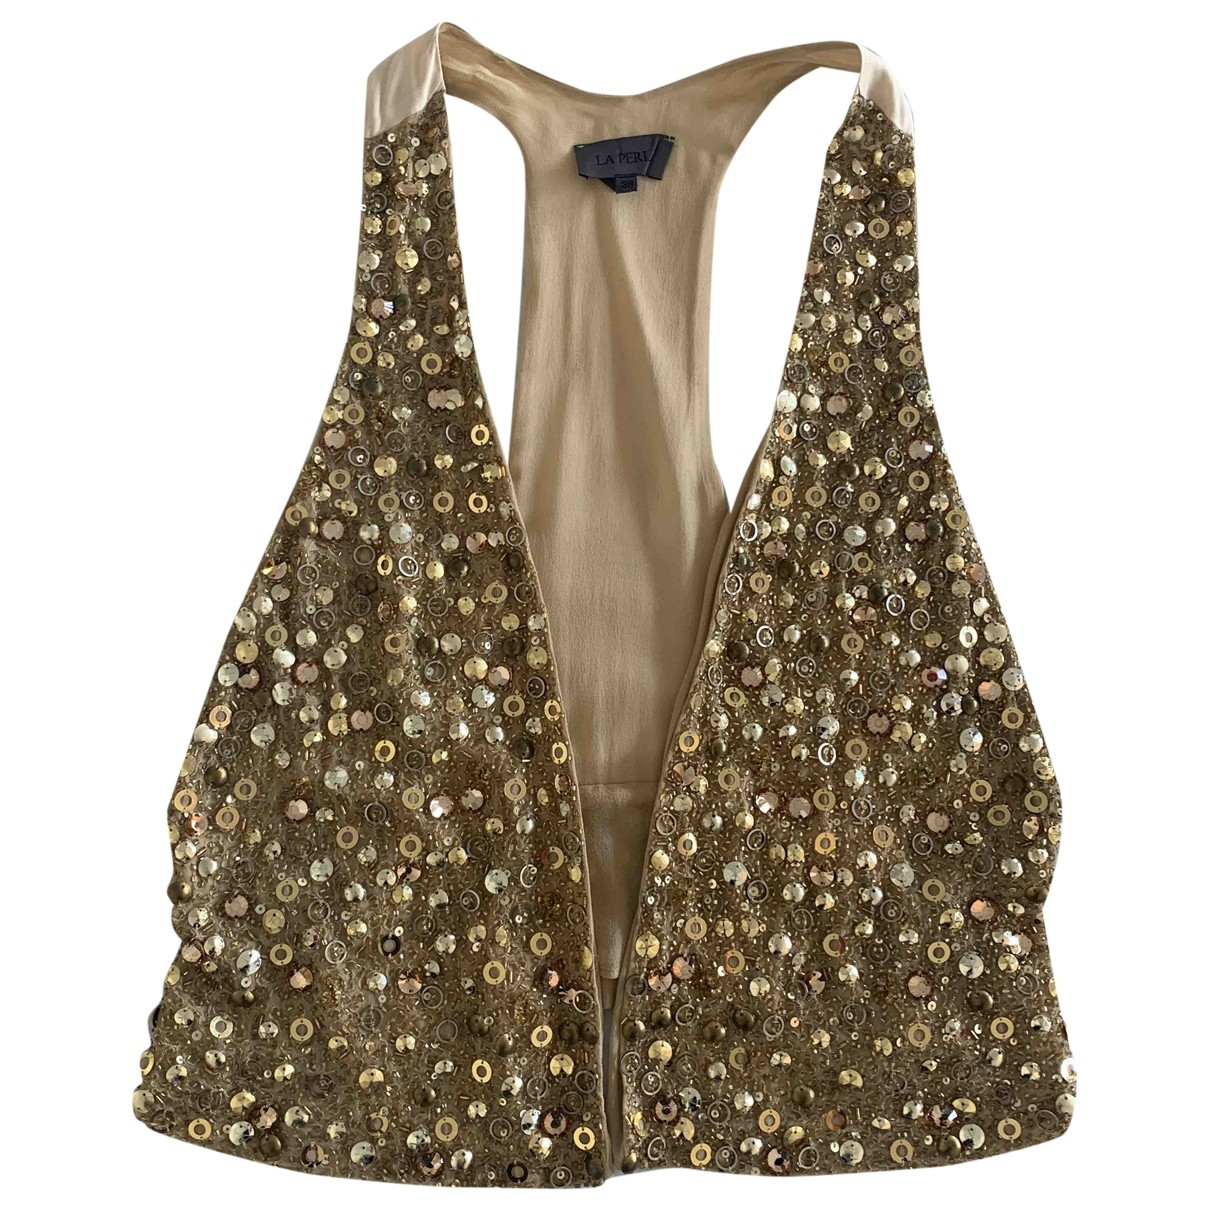 La Perla \N Gold Silk  top for Women 38 IT